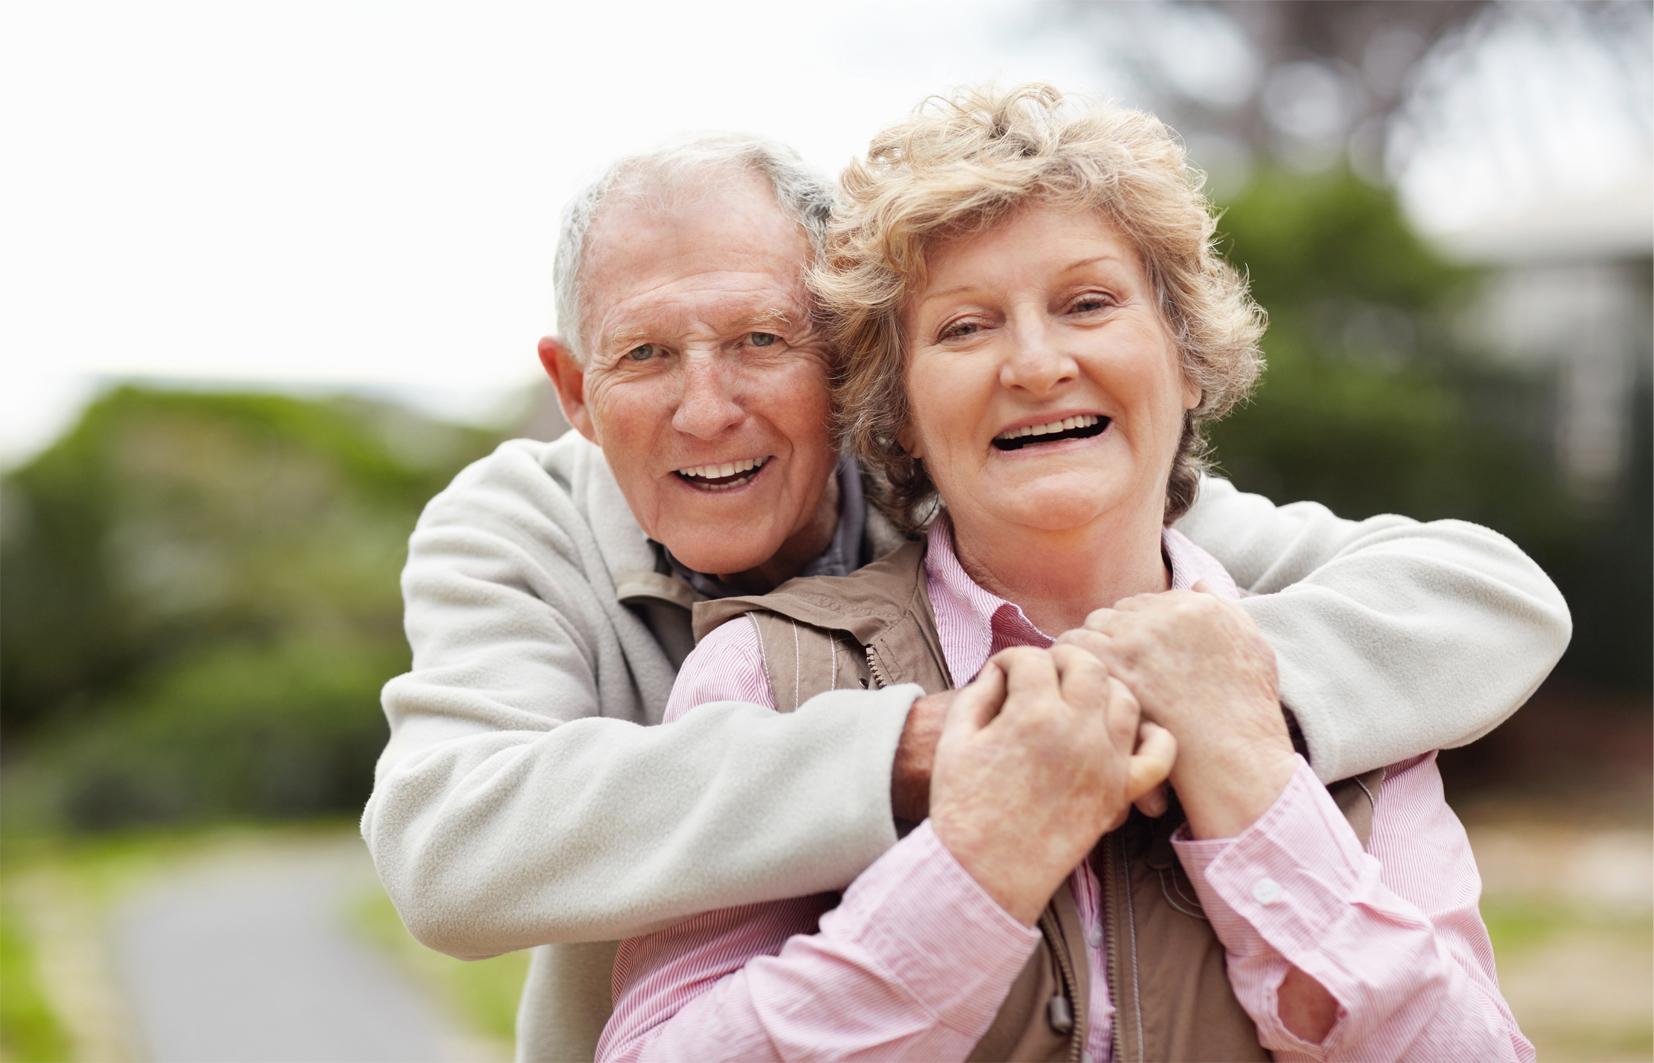 Żaneta: Modlitwa o rodziców, żeby byli dobrym małżeństwem